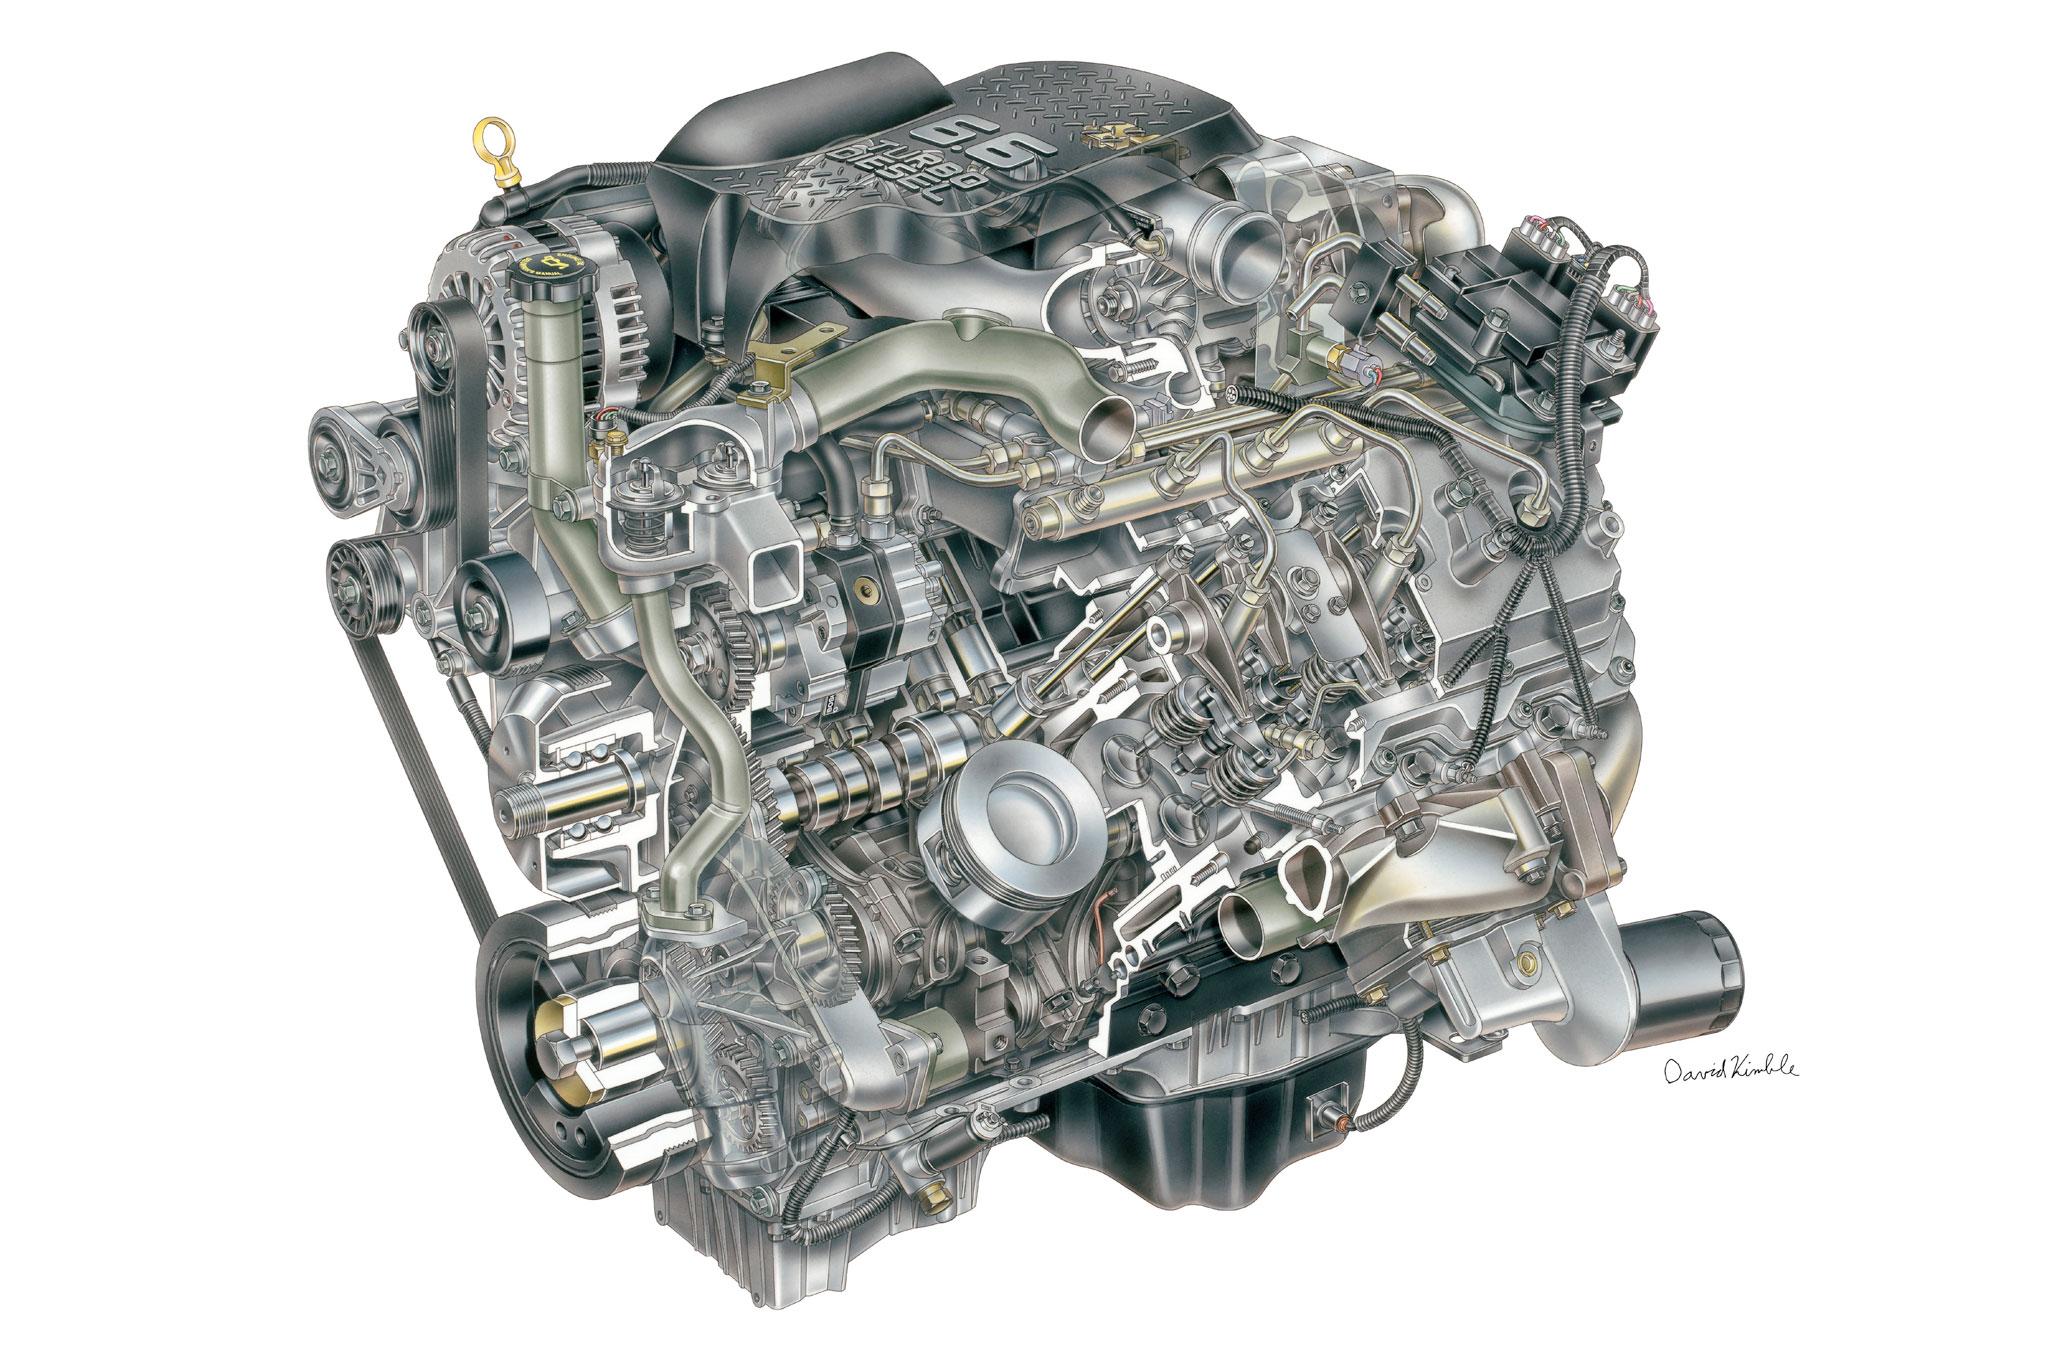 CONNECTING ROD 2001-2004 LB7 2004.5-2005 LLY Duramax Diesel 2500HD 3500HD